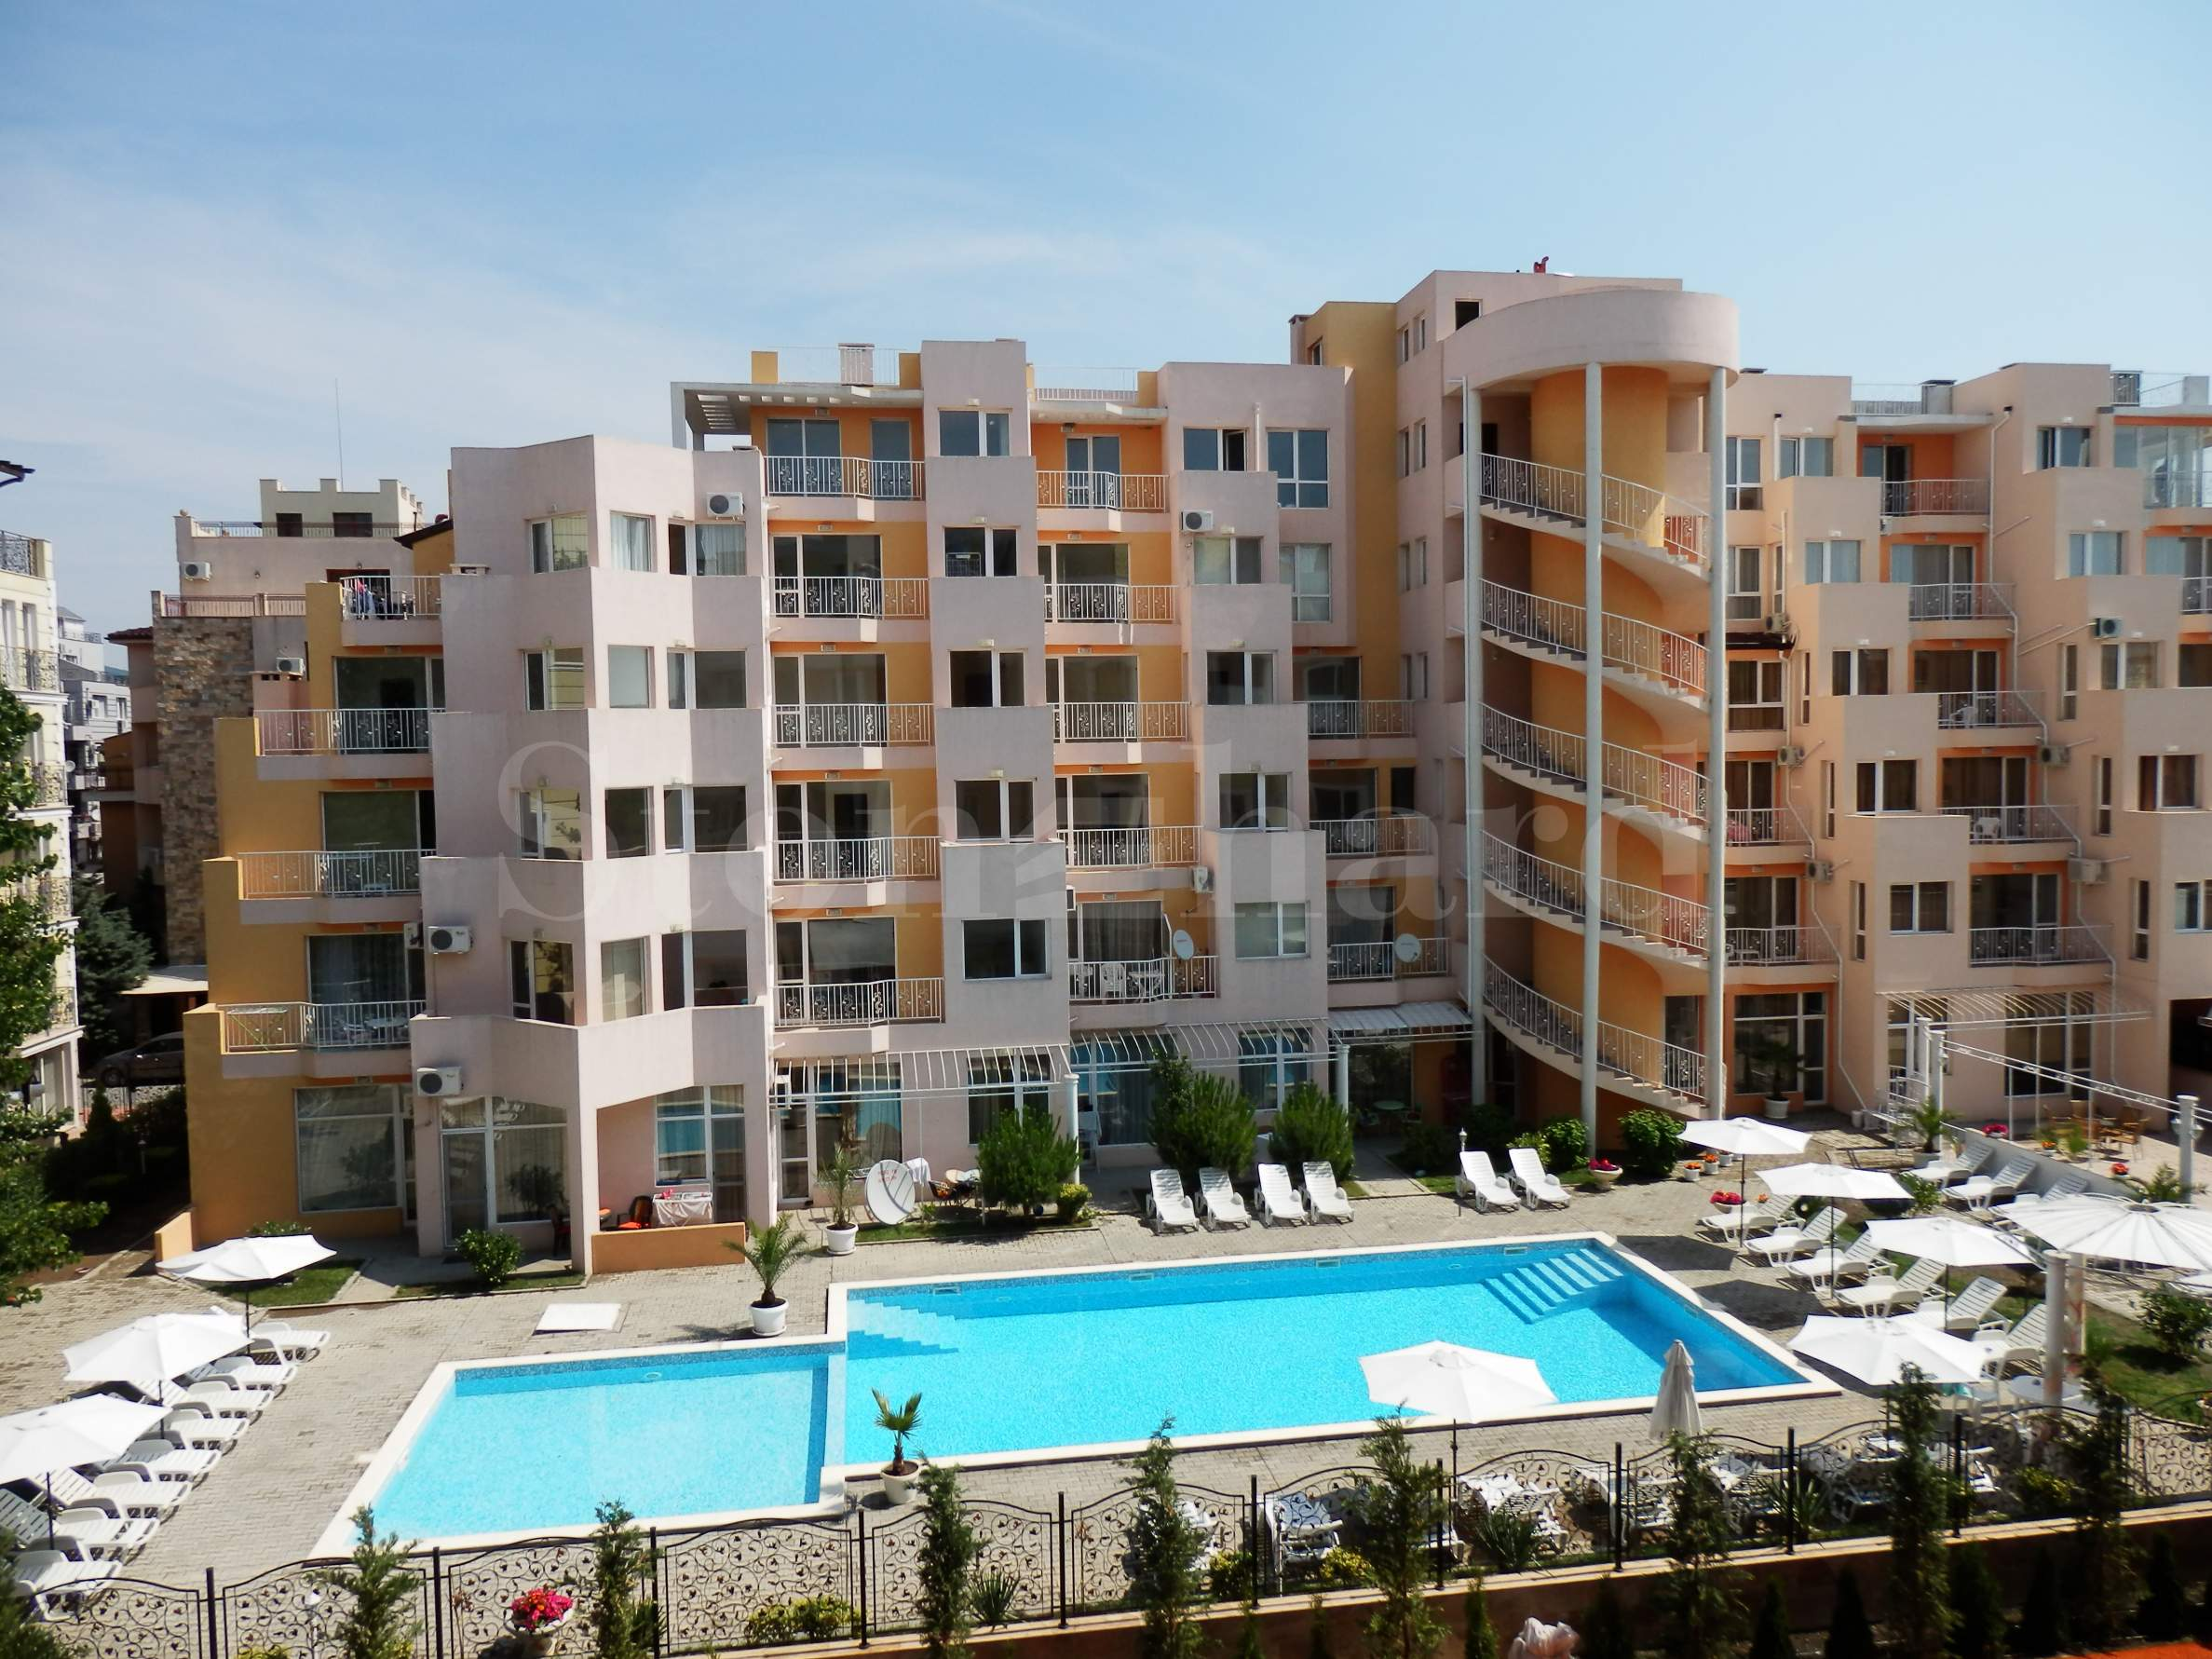 Ваканционни апартаменти в луксозен комплекс в центъра1 - Stonehard